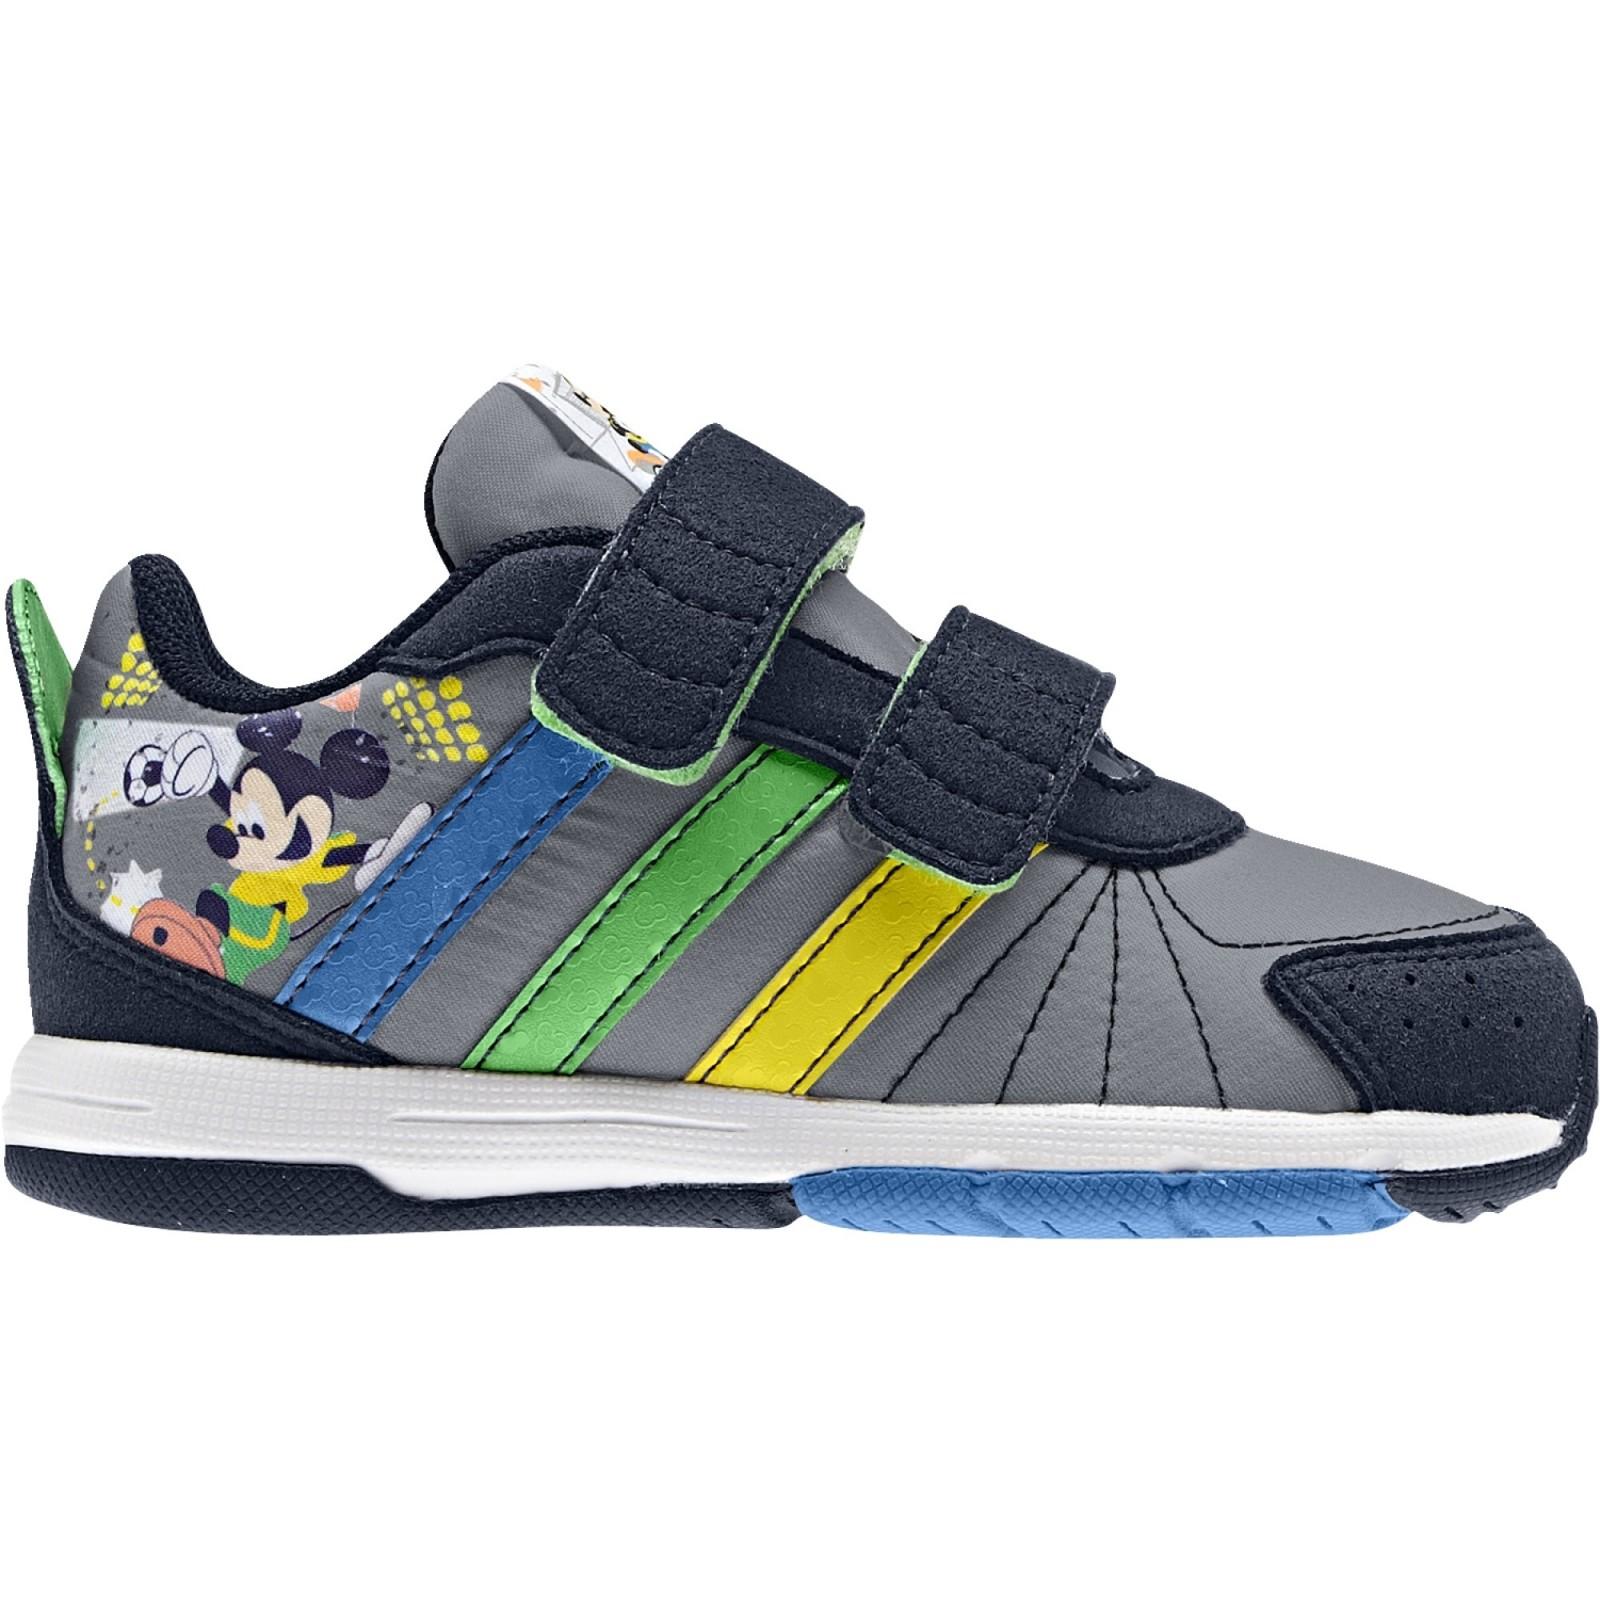 a4313c66a2bc1 Dětské tenisky adidas Disney Snice 3 CF I | D-Sport